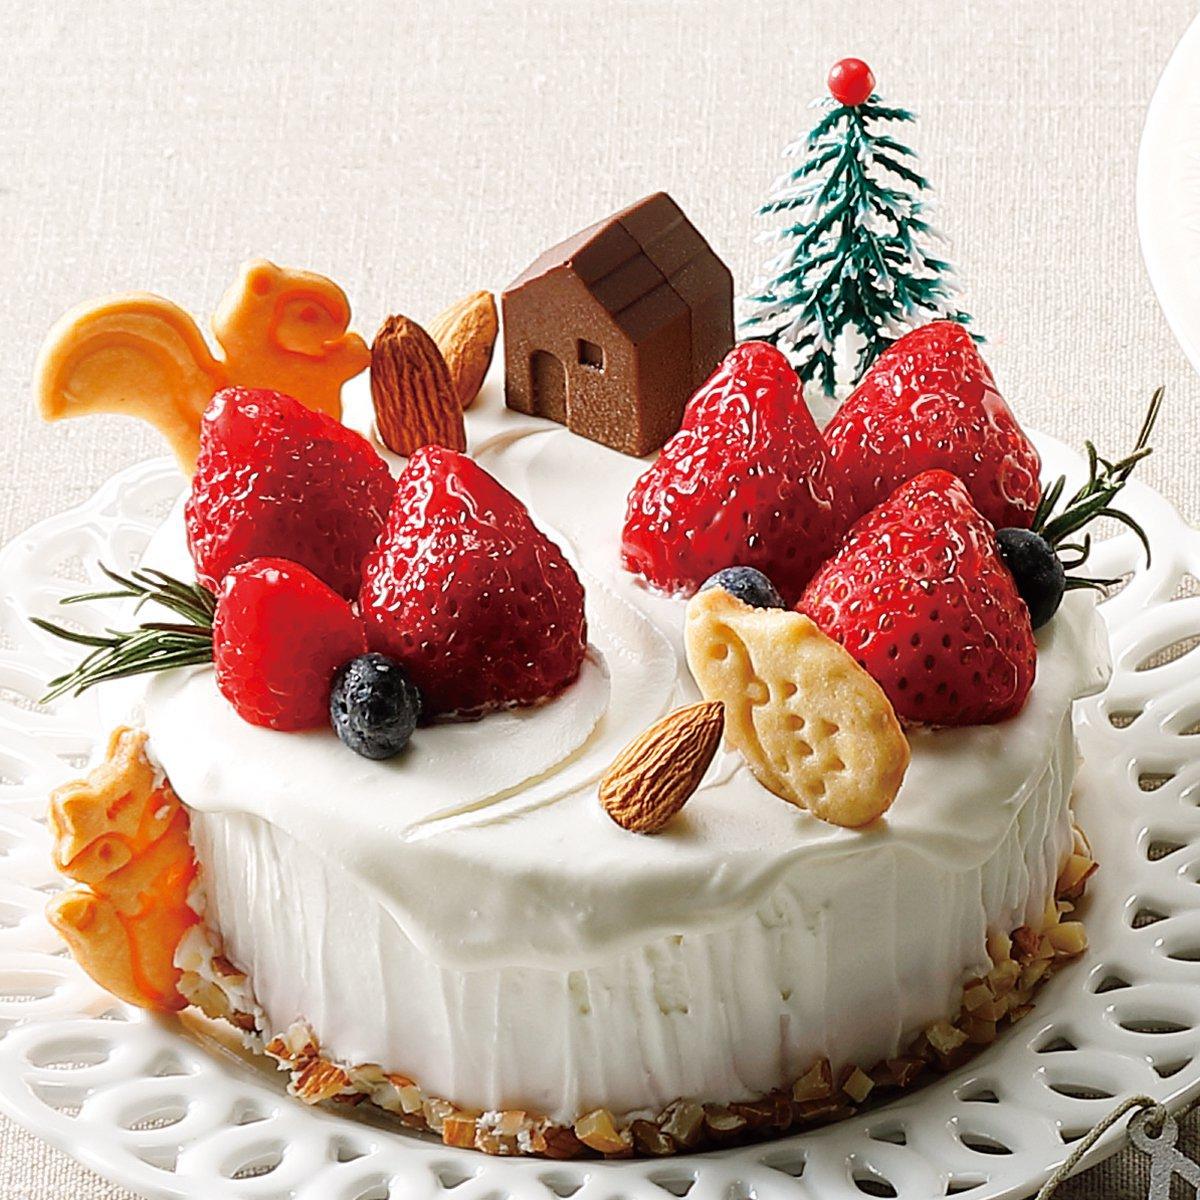 苺のお店 メゾン・ド・フルージュのクリスマスケーキ